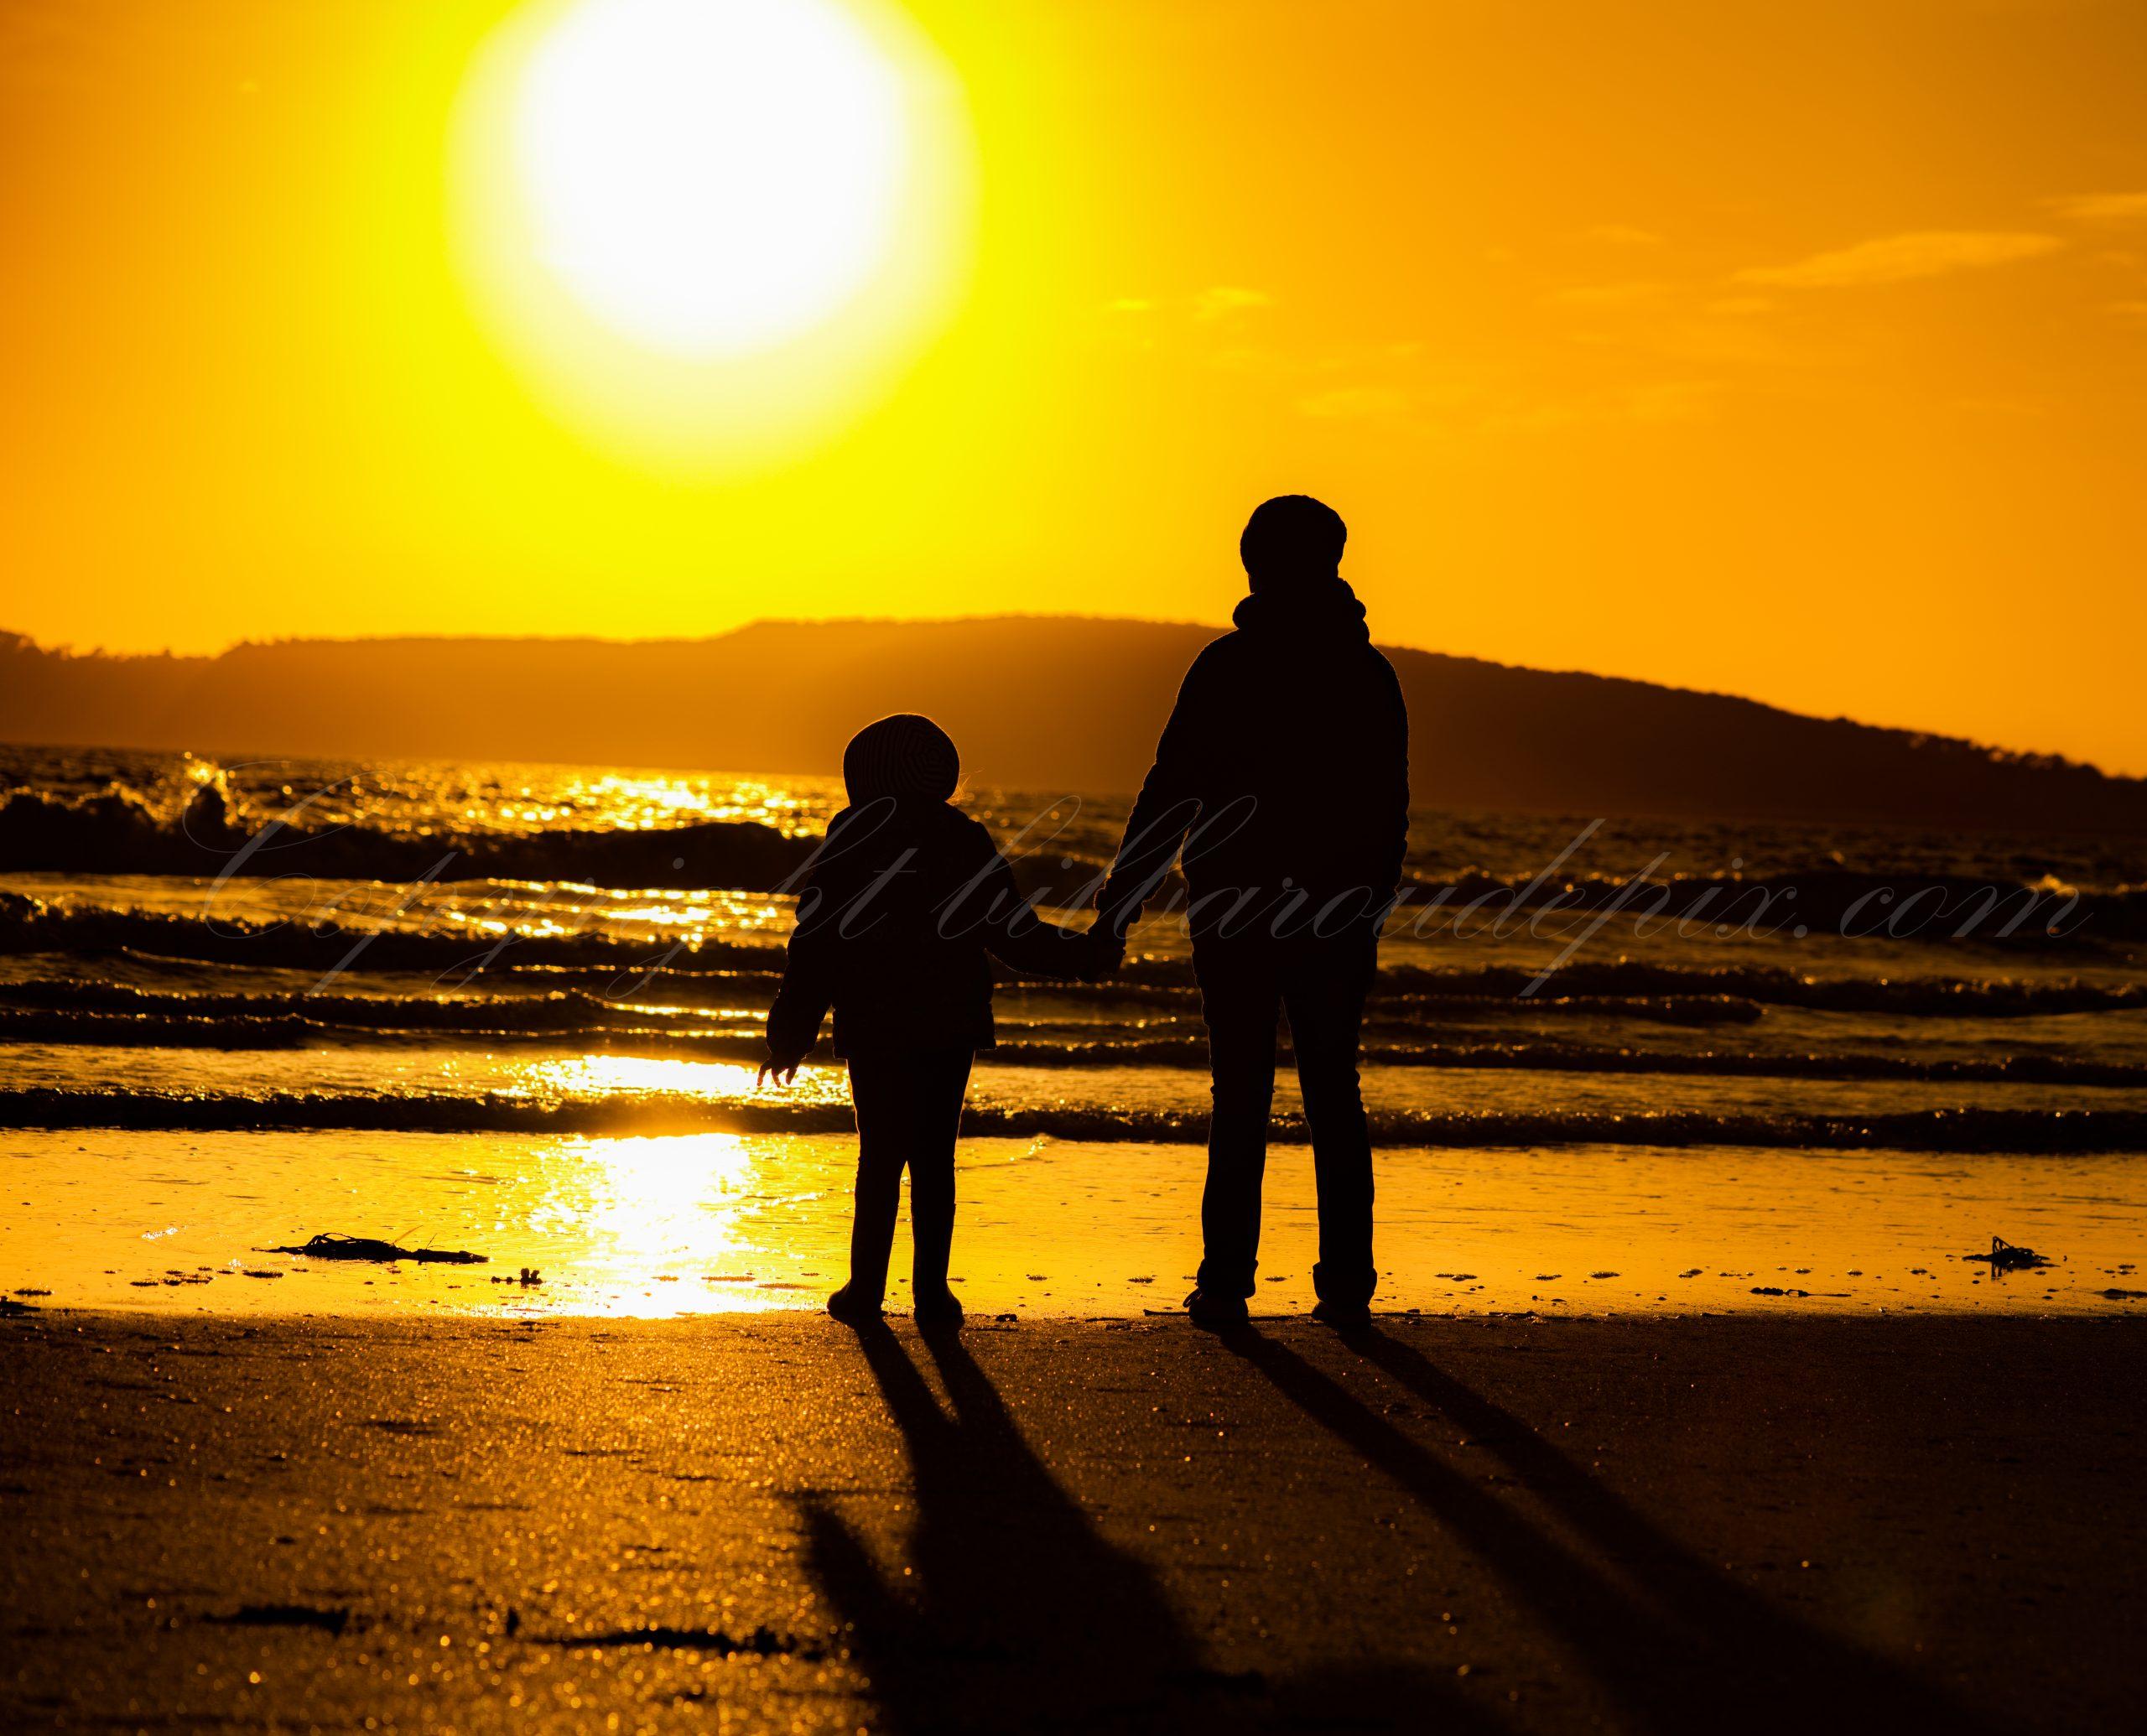 Portrait à contre jour au coucher du soleil